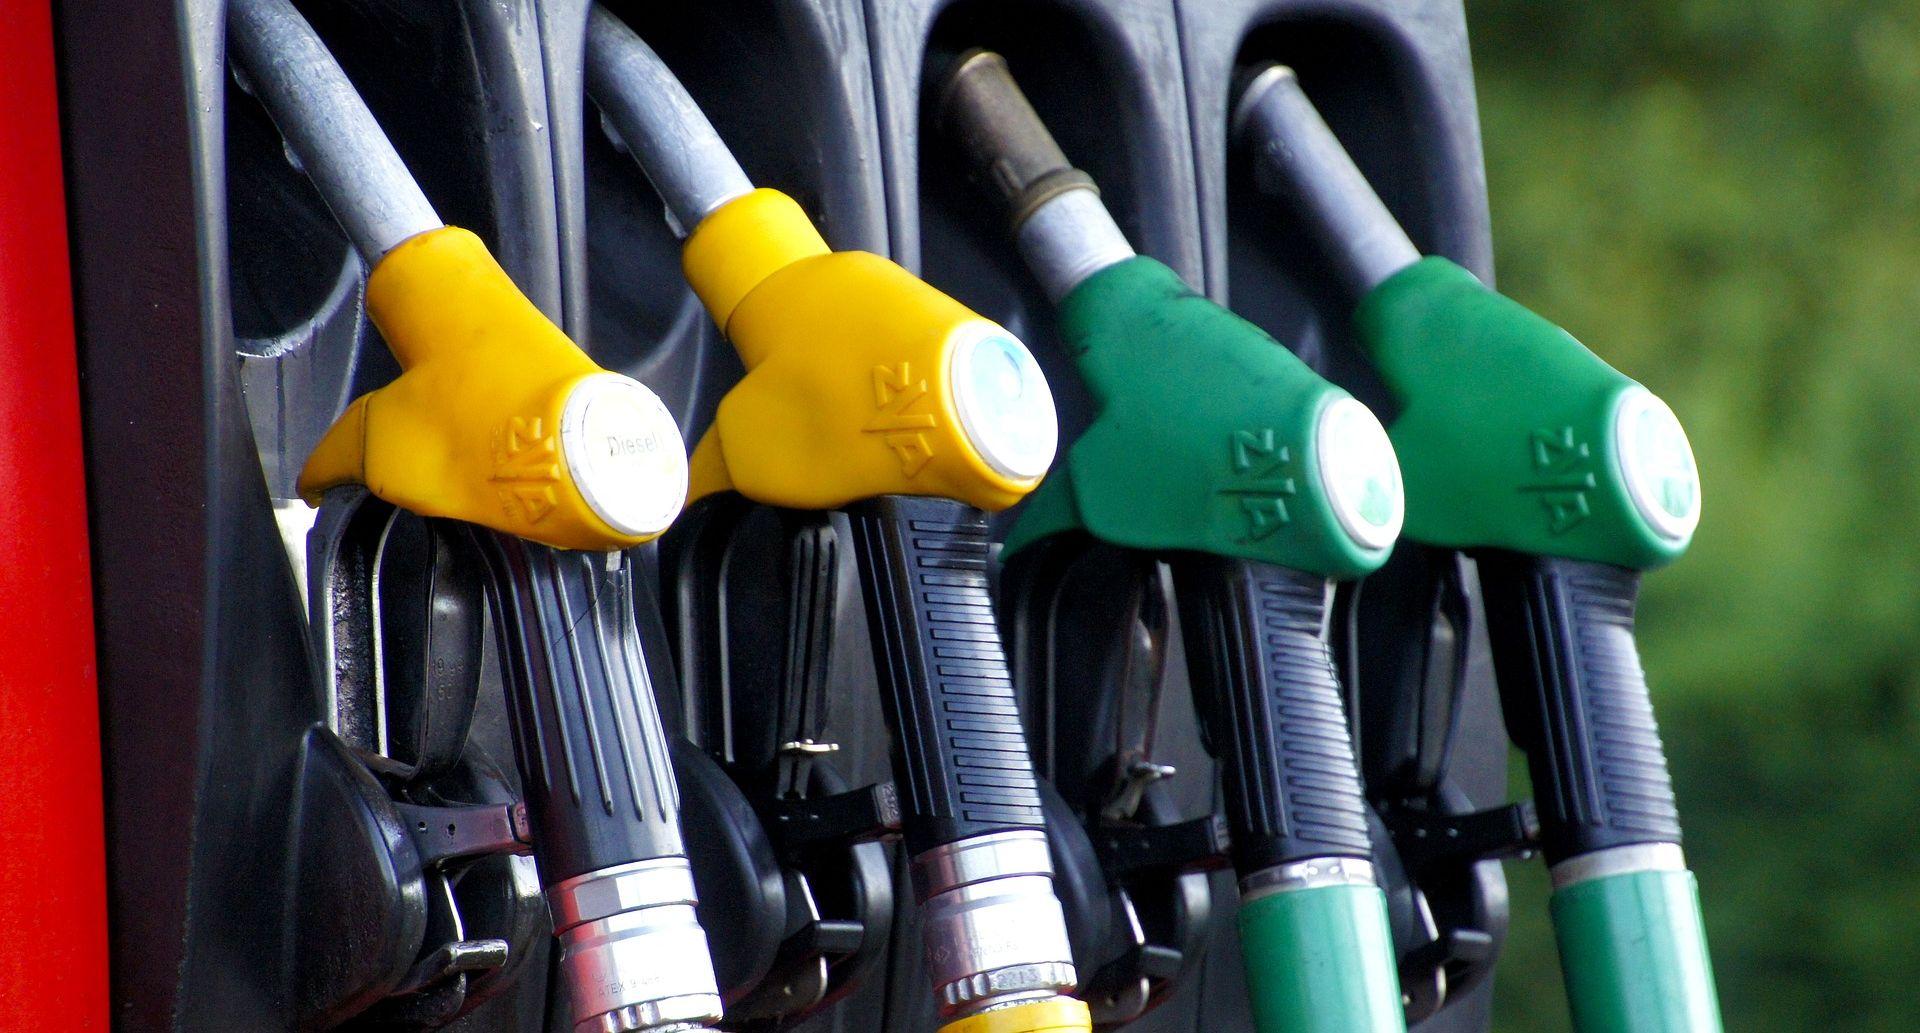 NOVE CIJENE GORIVA Benzin pojeftinio više od dizela